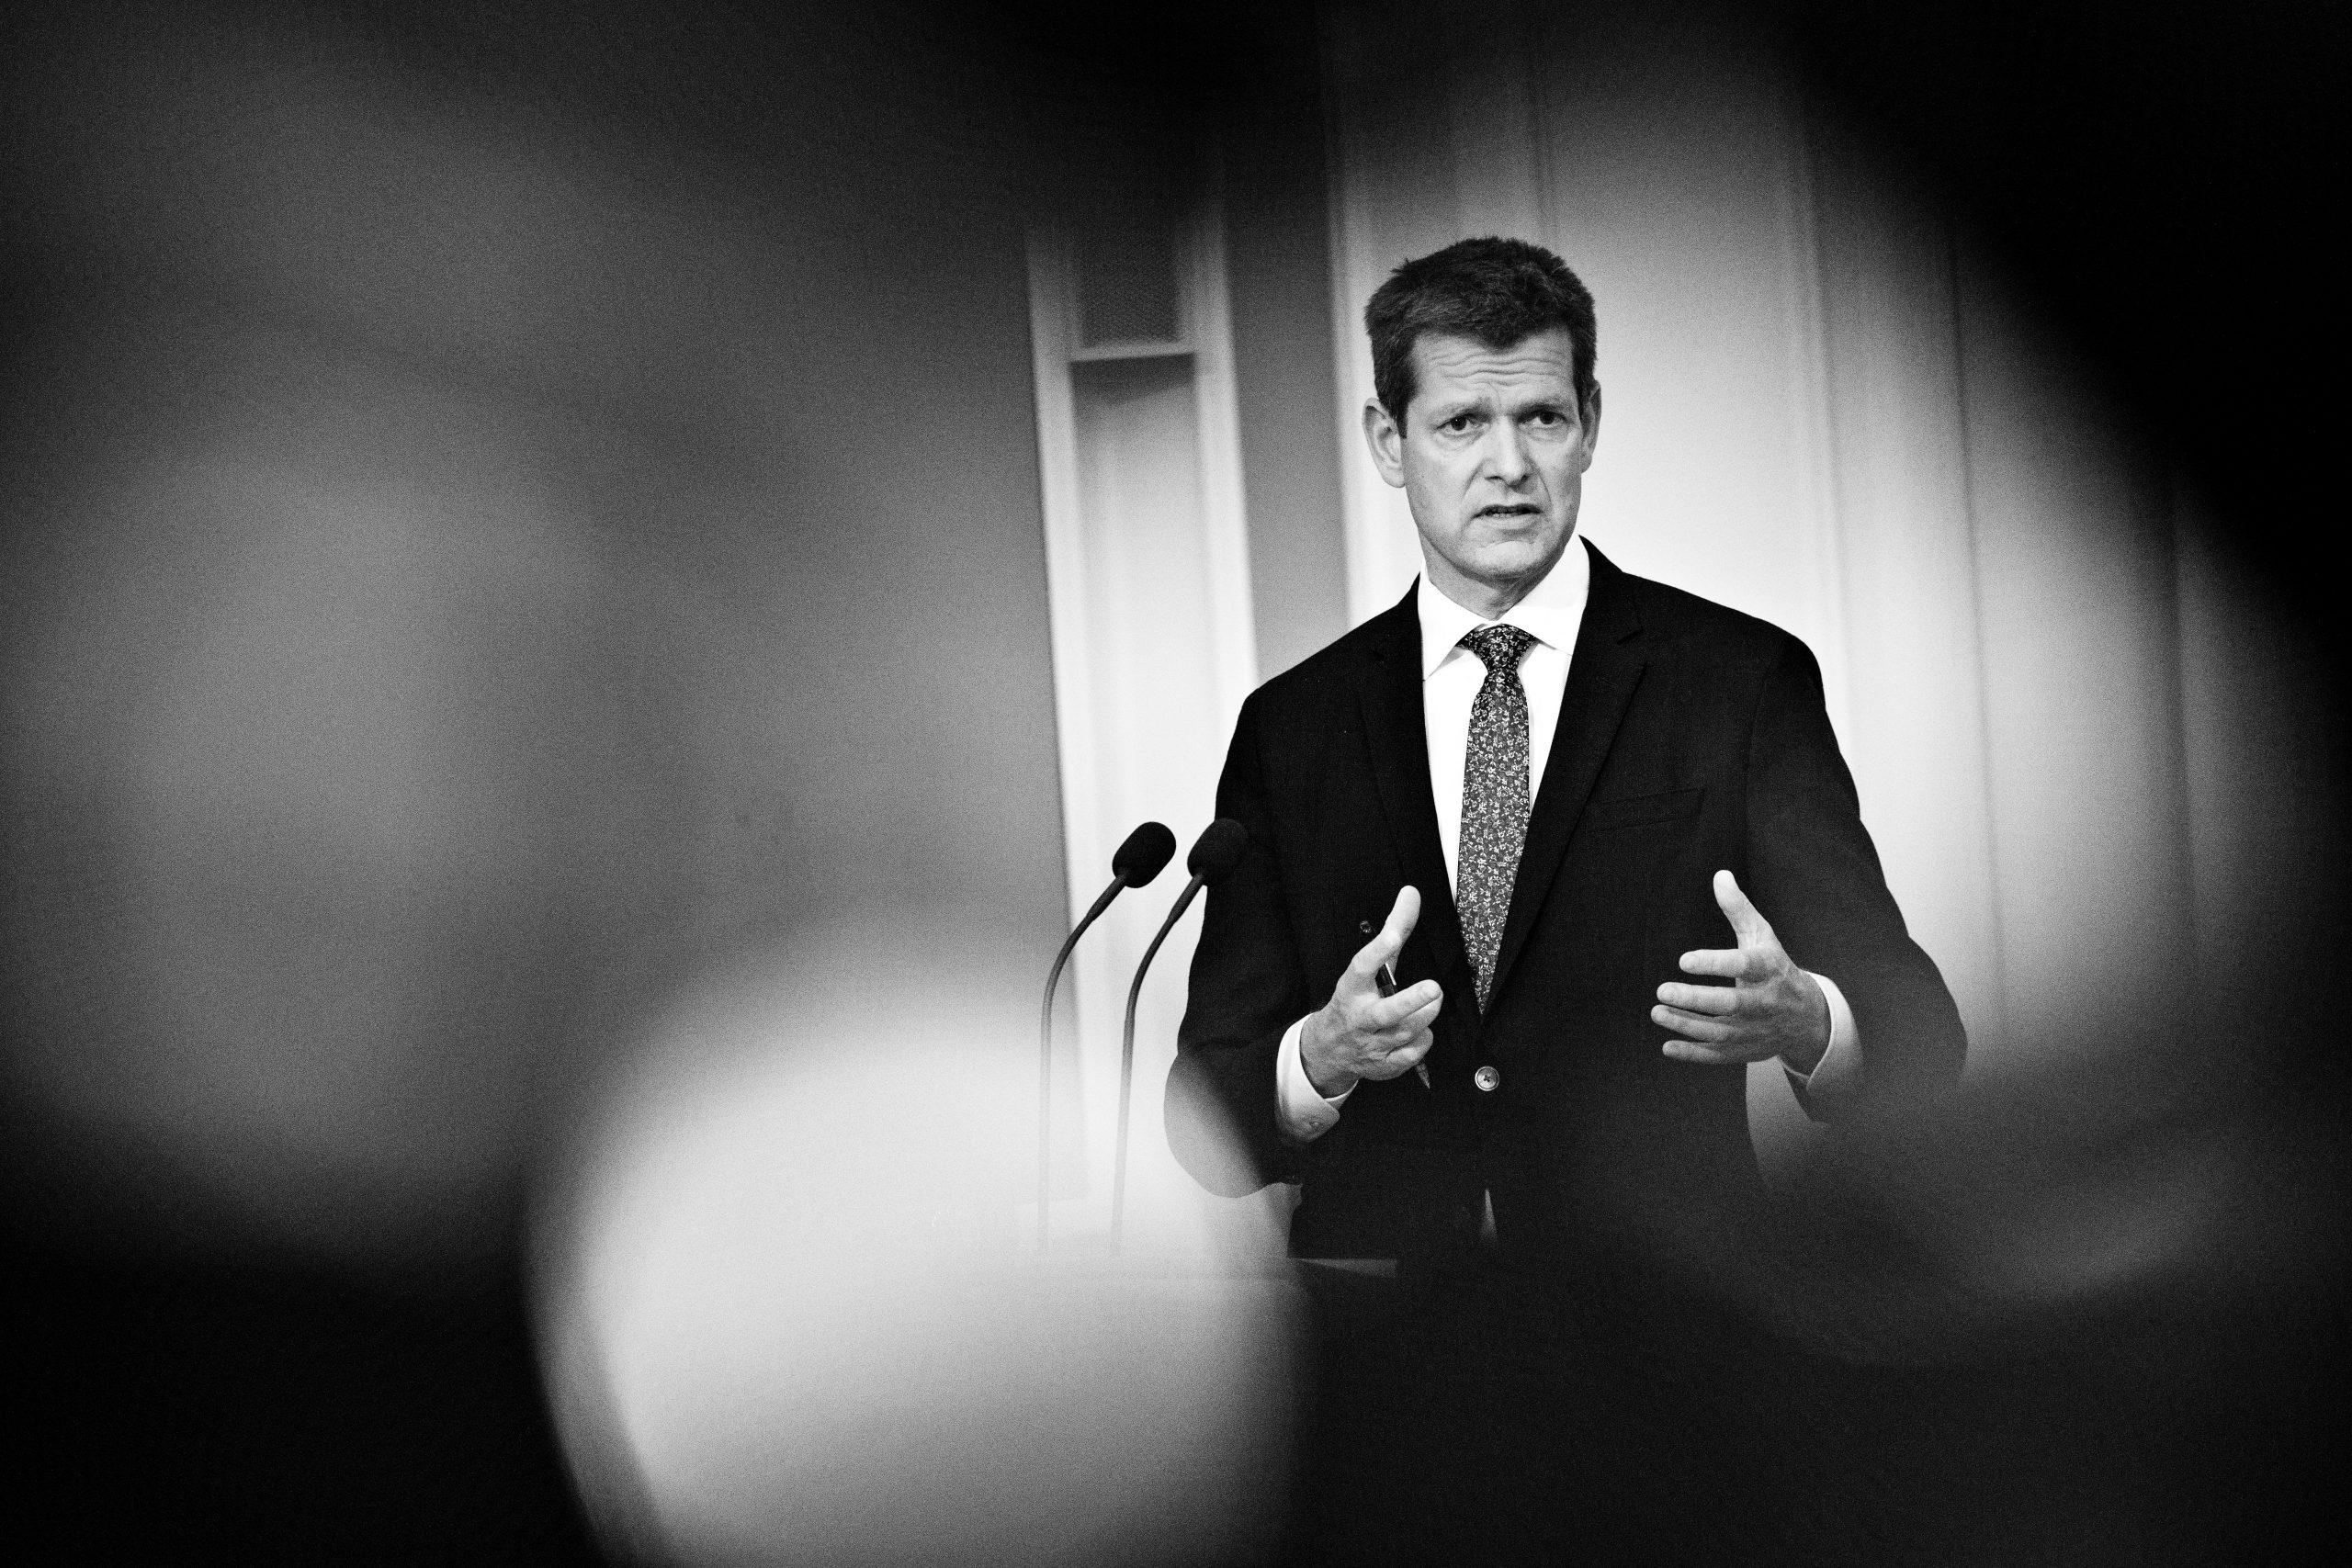 """<span class=""""rodt"""">Politikere kritiserer Brostrøm-videoer for 135.000:</span> Spild af penge"""